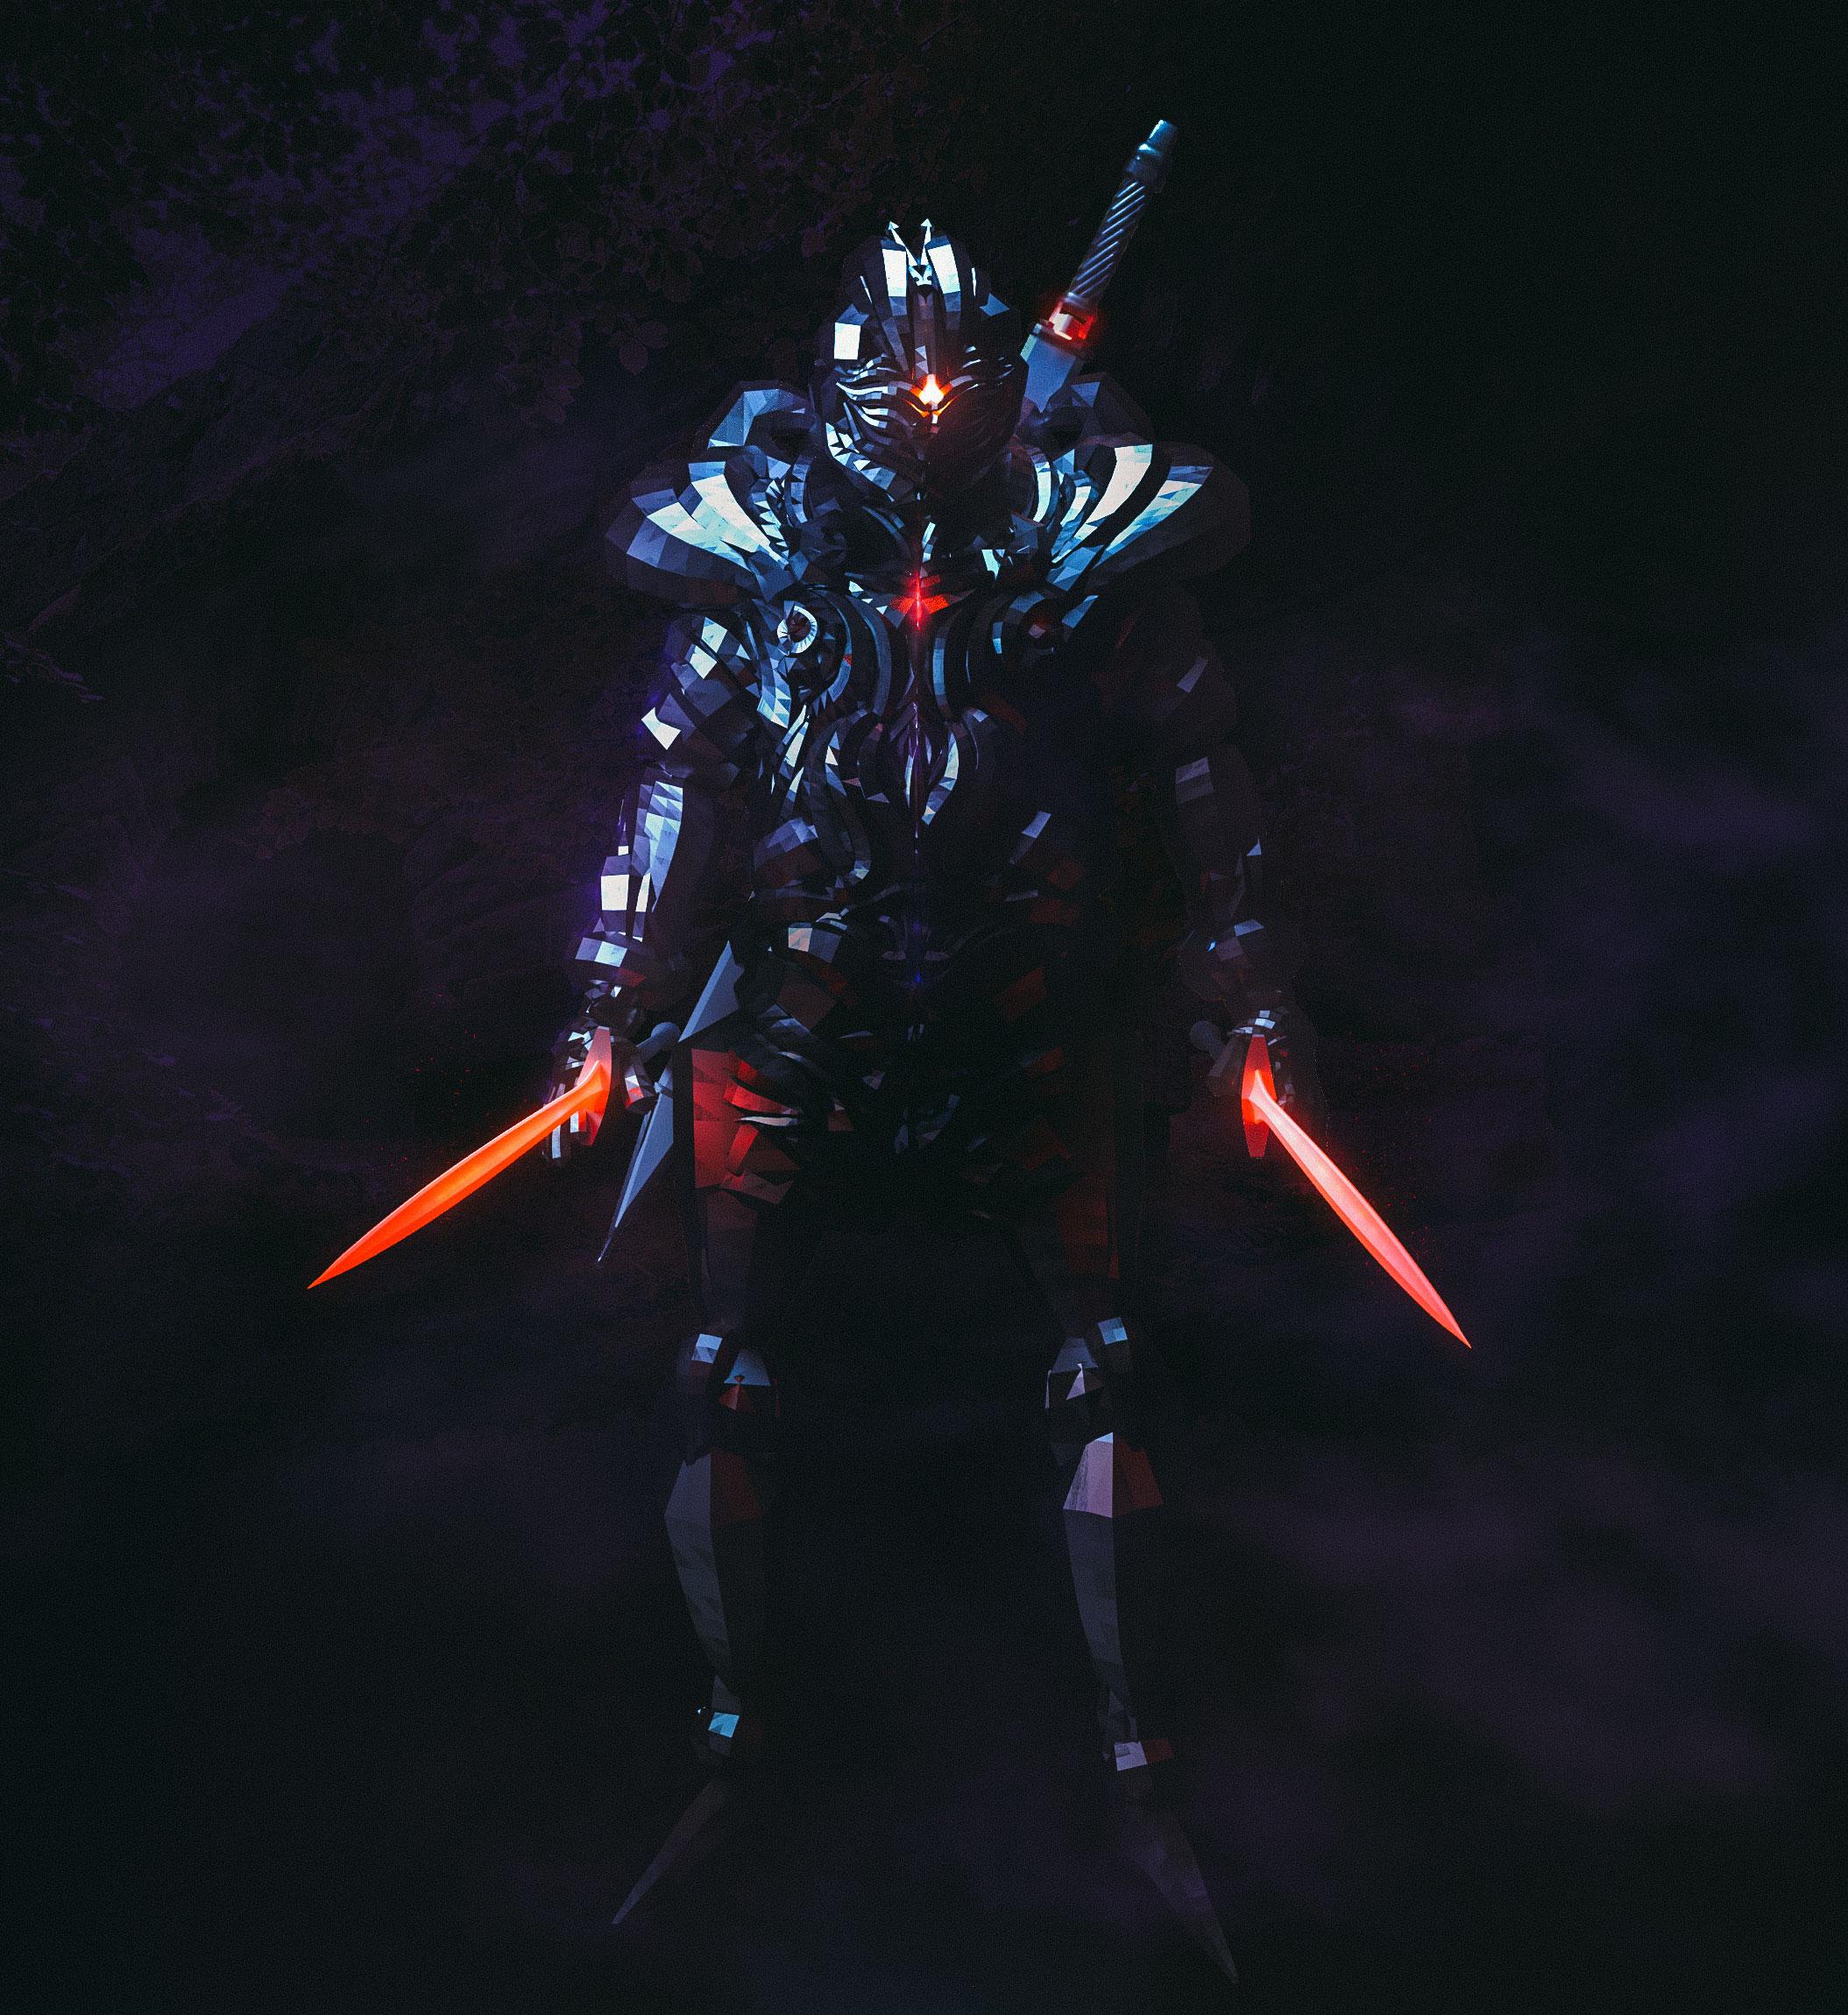 VR_knight.jpg